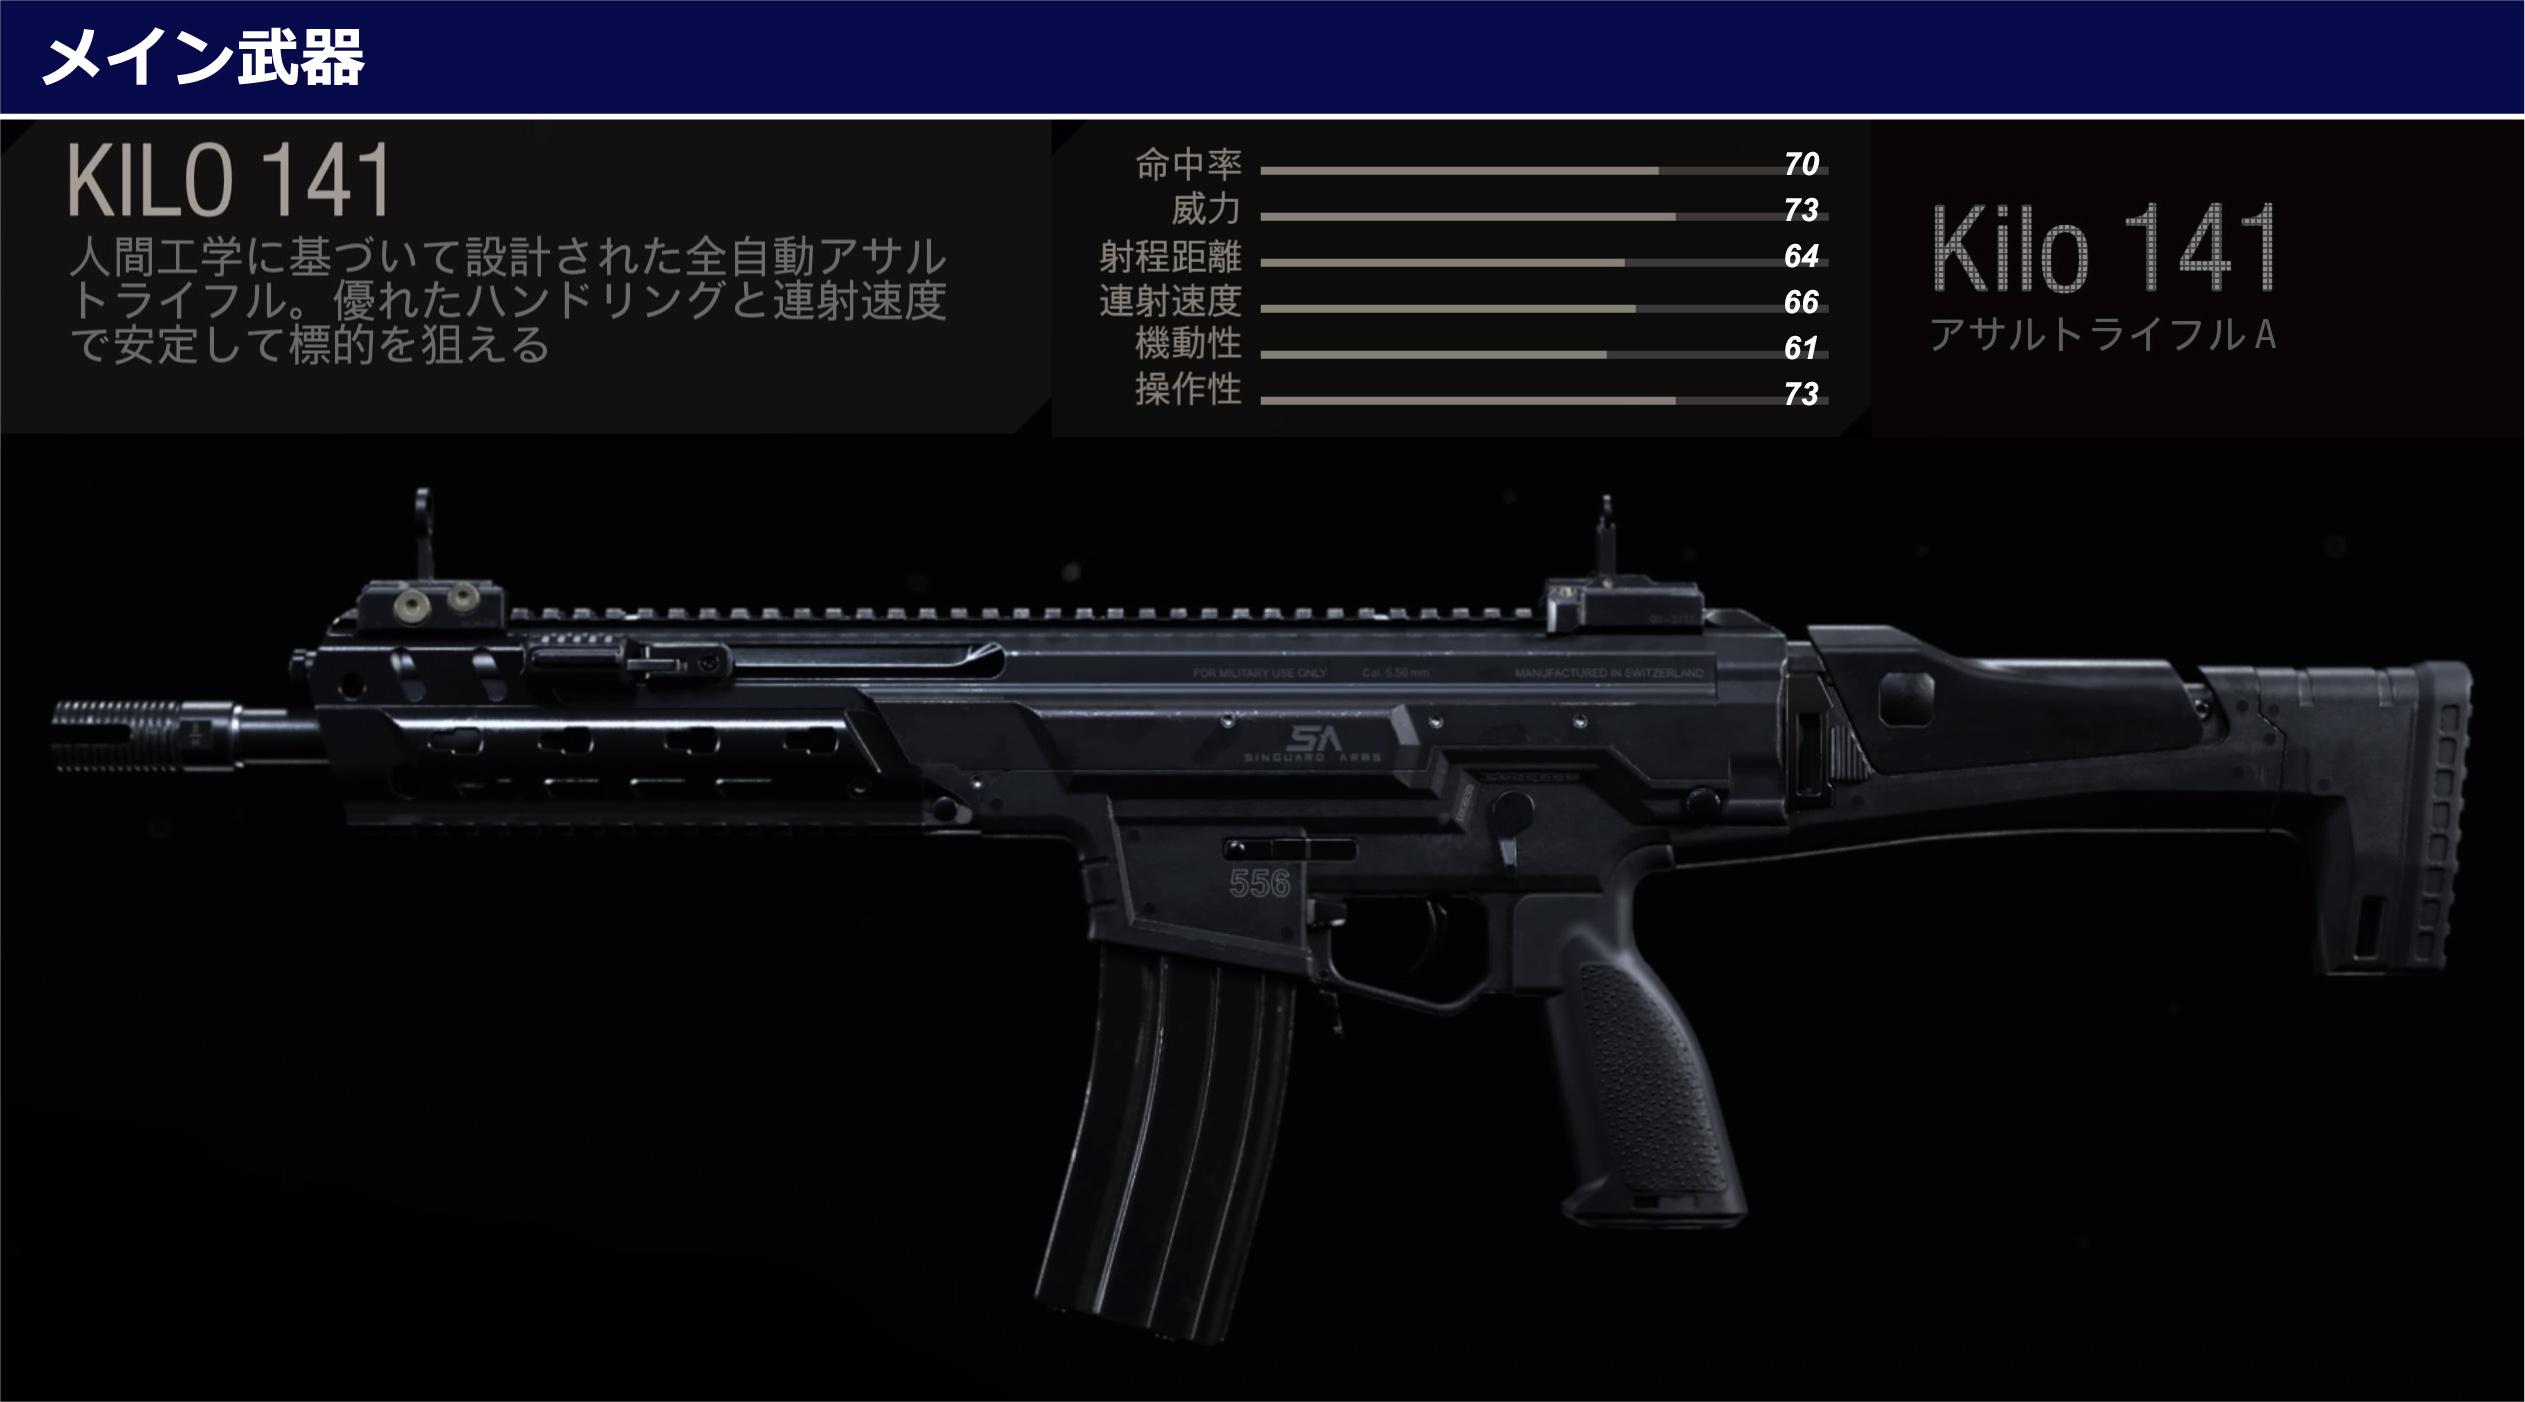 Kilo-141